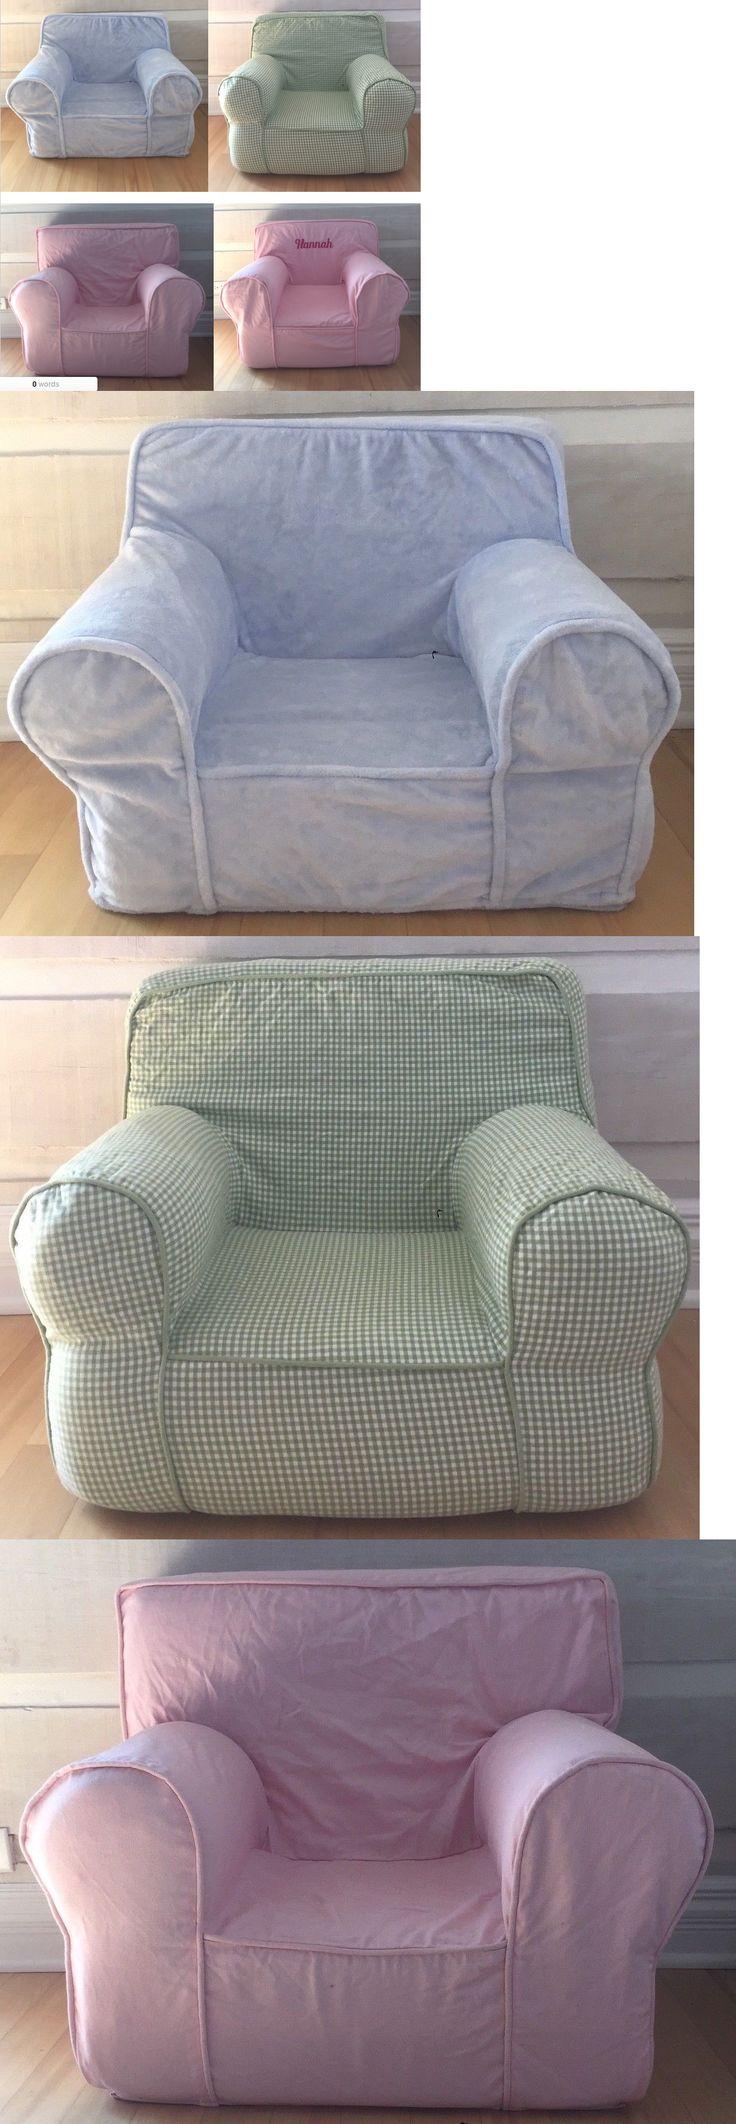 pottery barn nursery chair slipcover